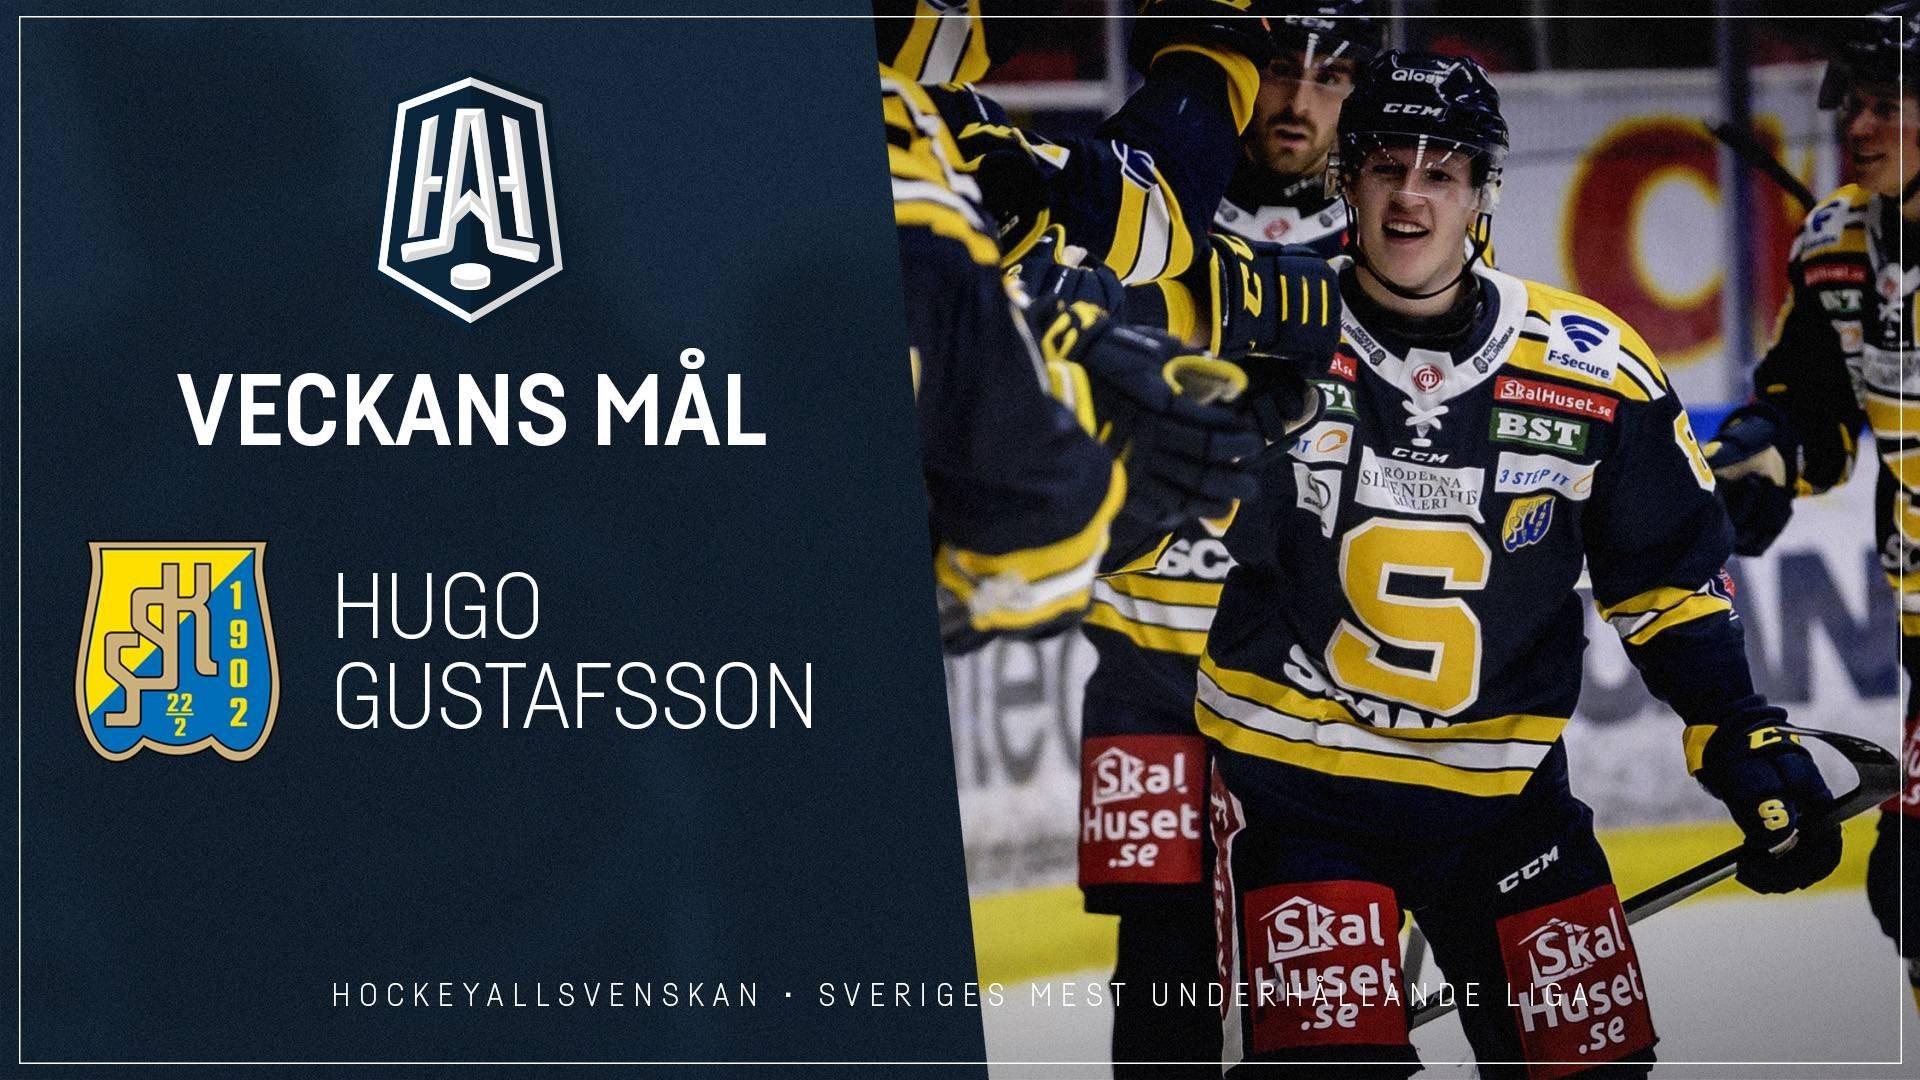 Veckans Mål: Hugo Gustafsson, Södertälje